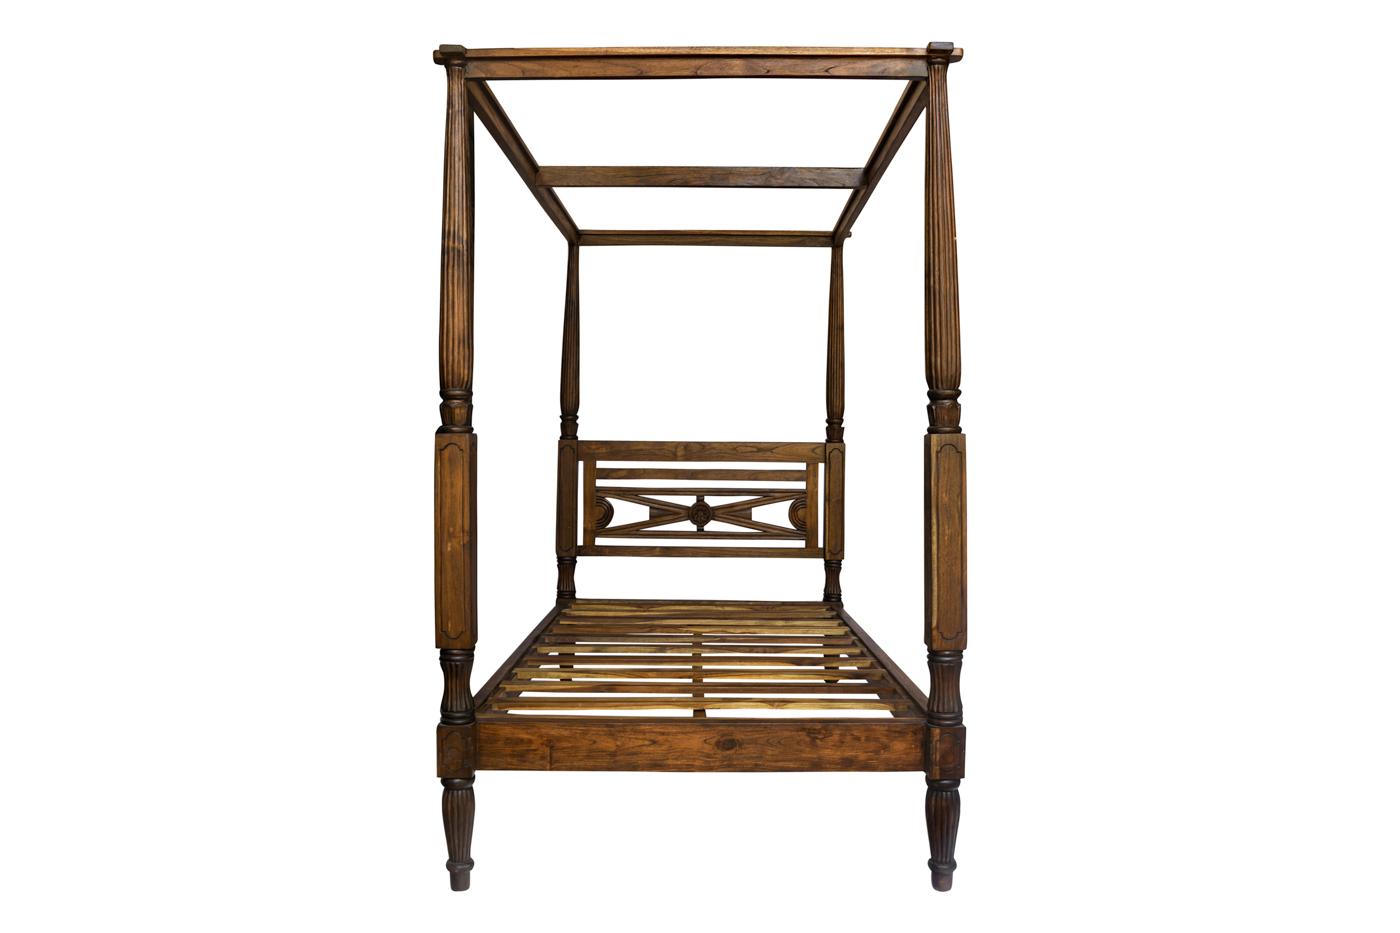 Cama con dosel en madera color caoba